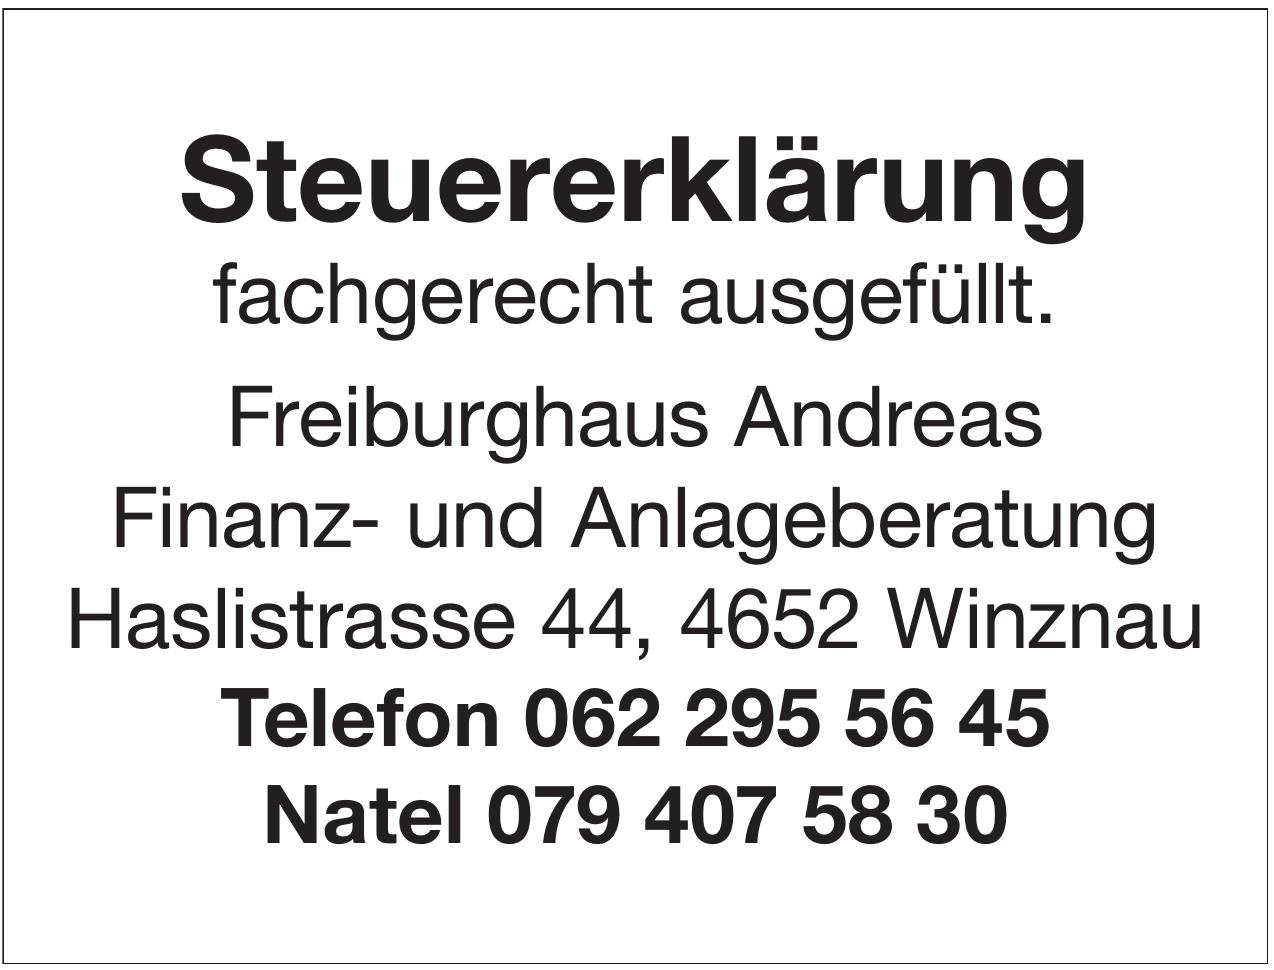 Freiburghaus Andreas Finanz- und Anlageberatung